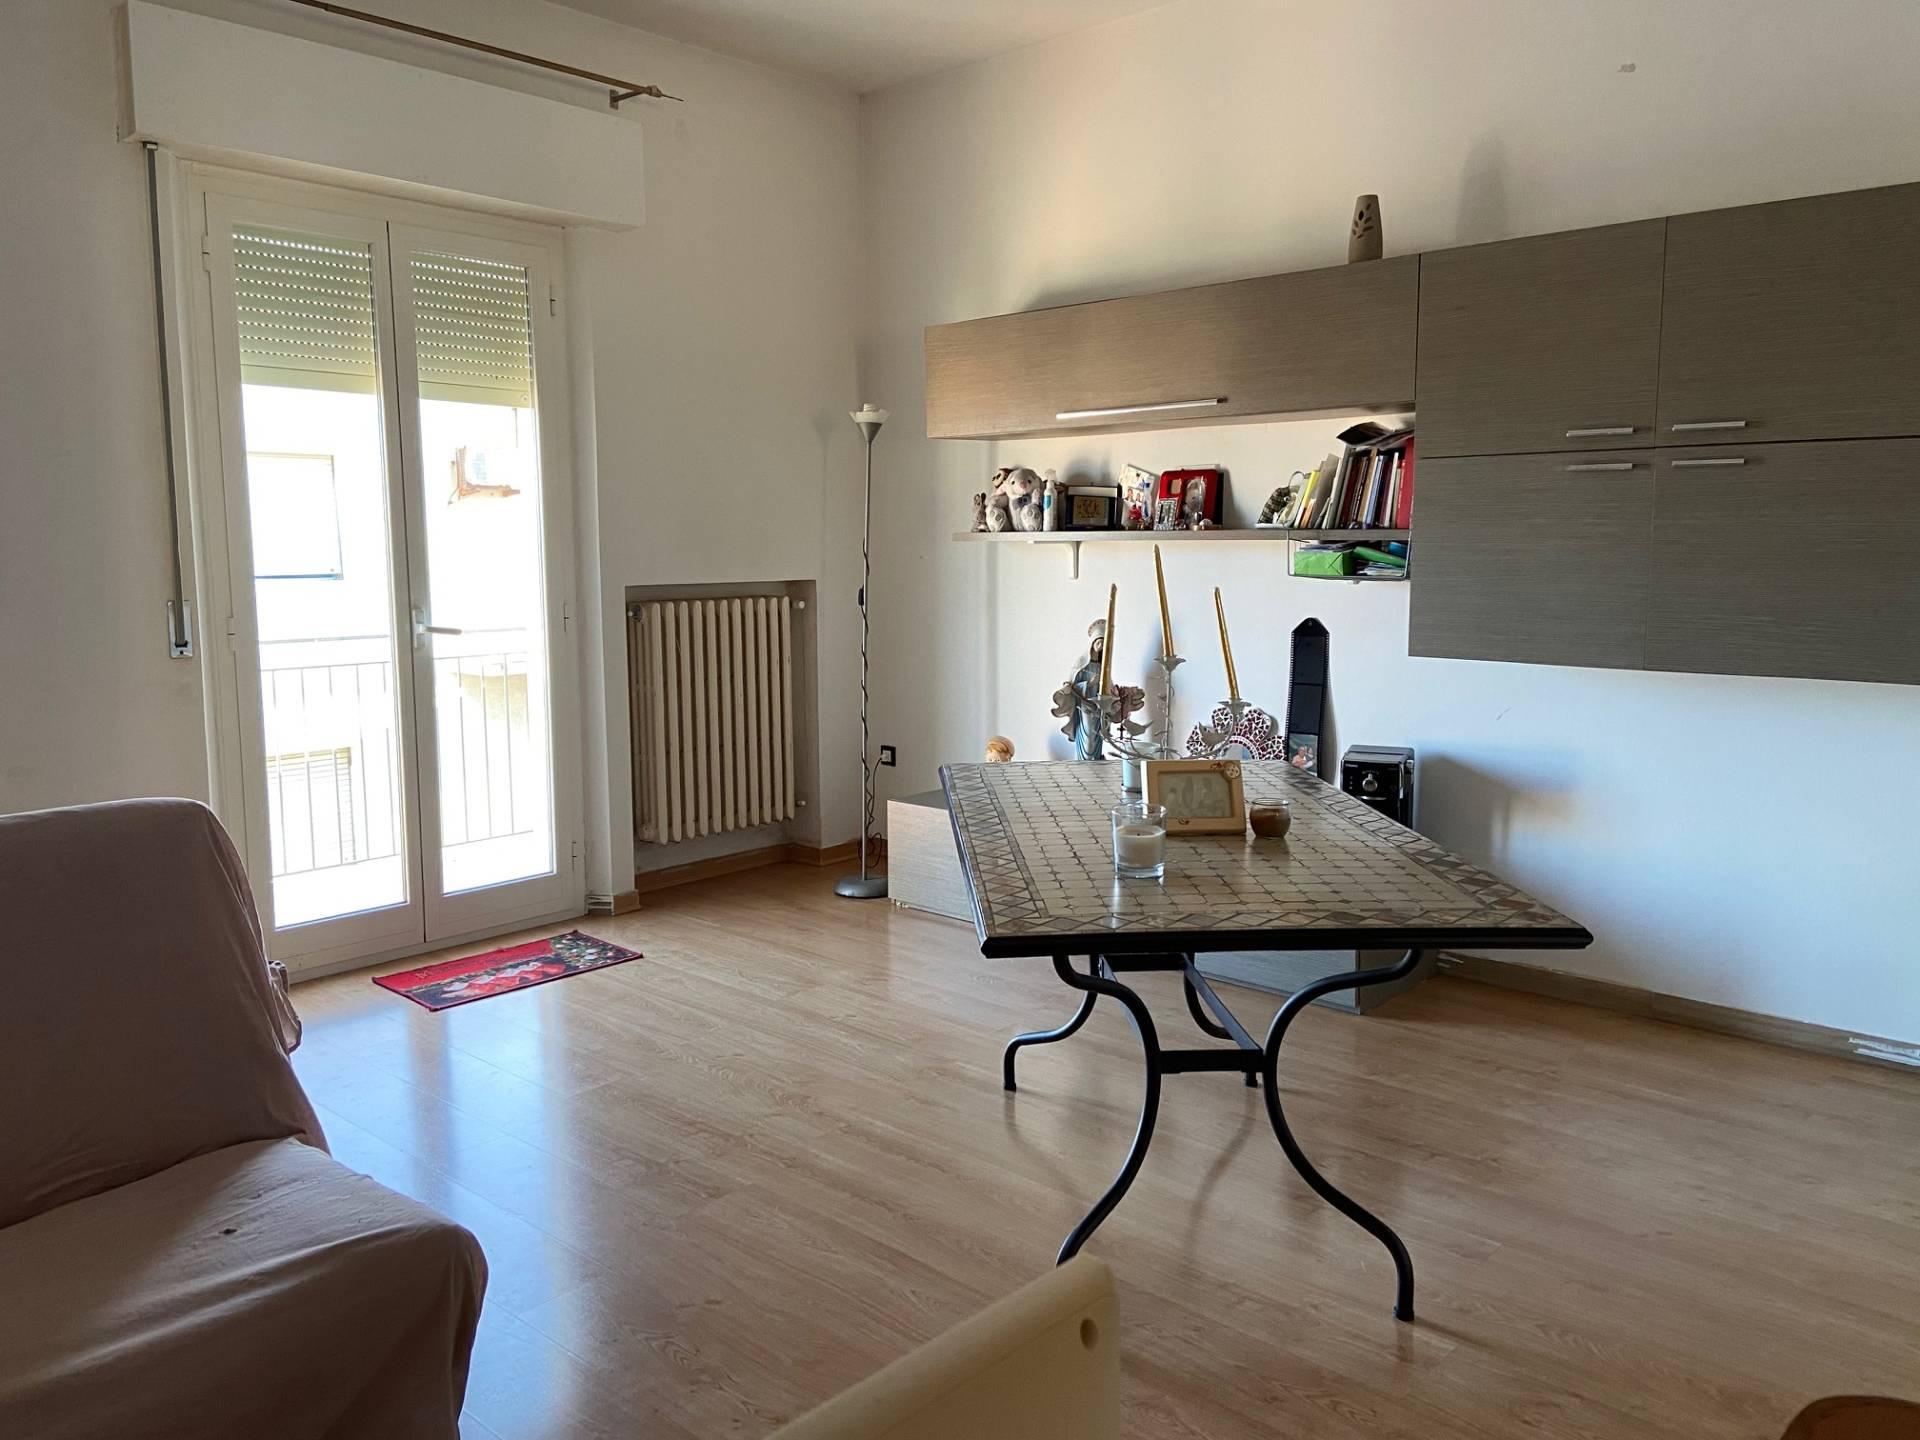 Attico / Mansarda in vendita a Montemarciano, 5 locali, zona Località: MarinadiMontemarciano, prezzo € 99.000 | PortaleAgenzieImmobiliari.it